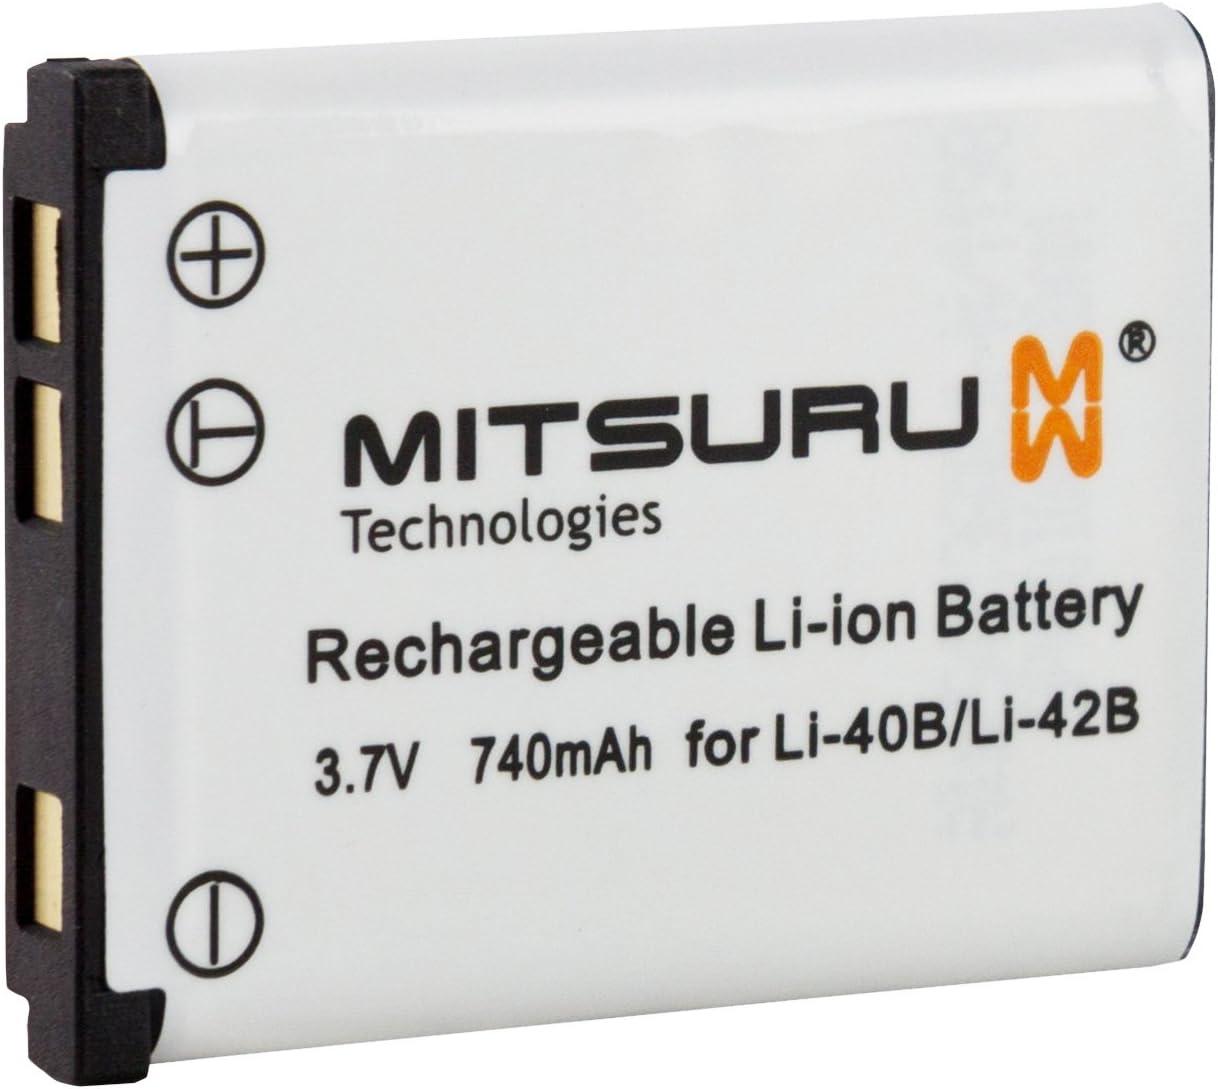 Mitsuru® batería para Aldi LI-42B LI42B BenQ LI-42B LI42B General Electric LI-42B LI42B Medion LI-42B LI42B Olympus LI-42B LI42B Ricoh LI-42B LI42B Rollei LI-42B LI42B Sanyo LI-42B LI42BSanyo LI42B re